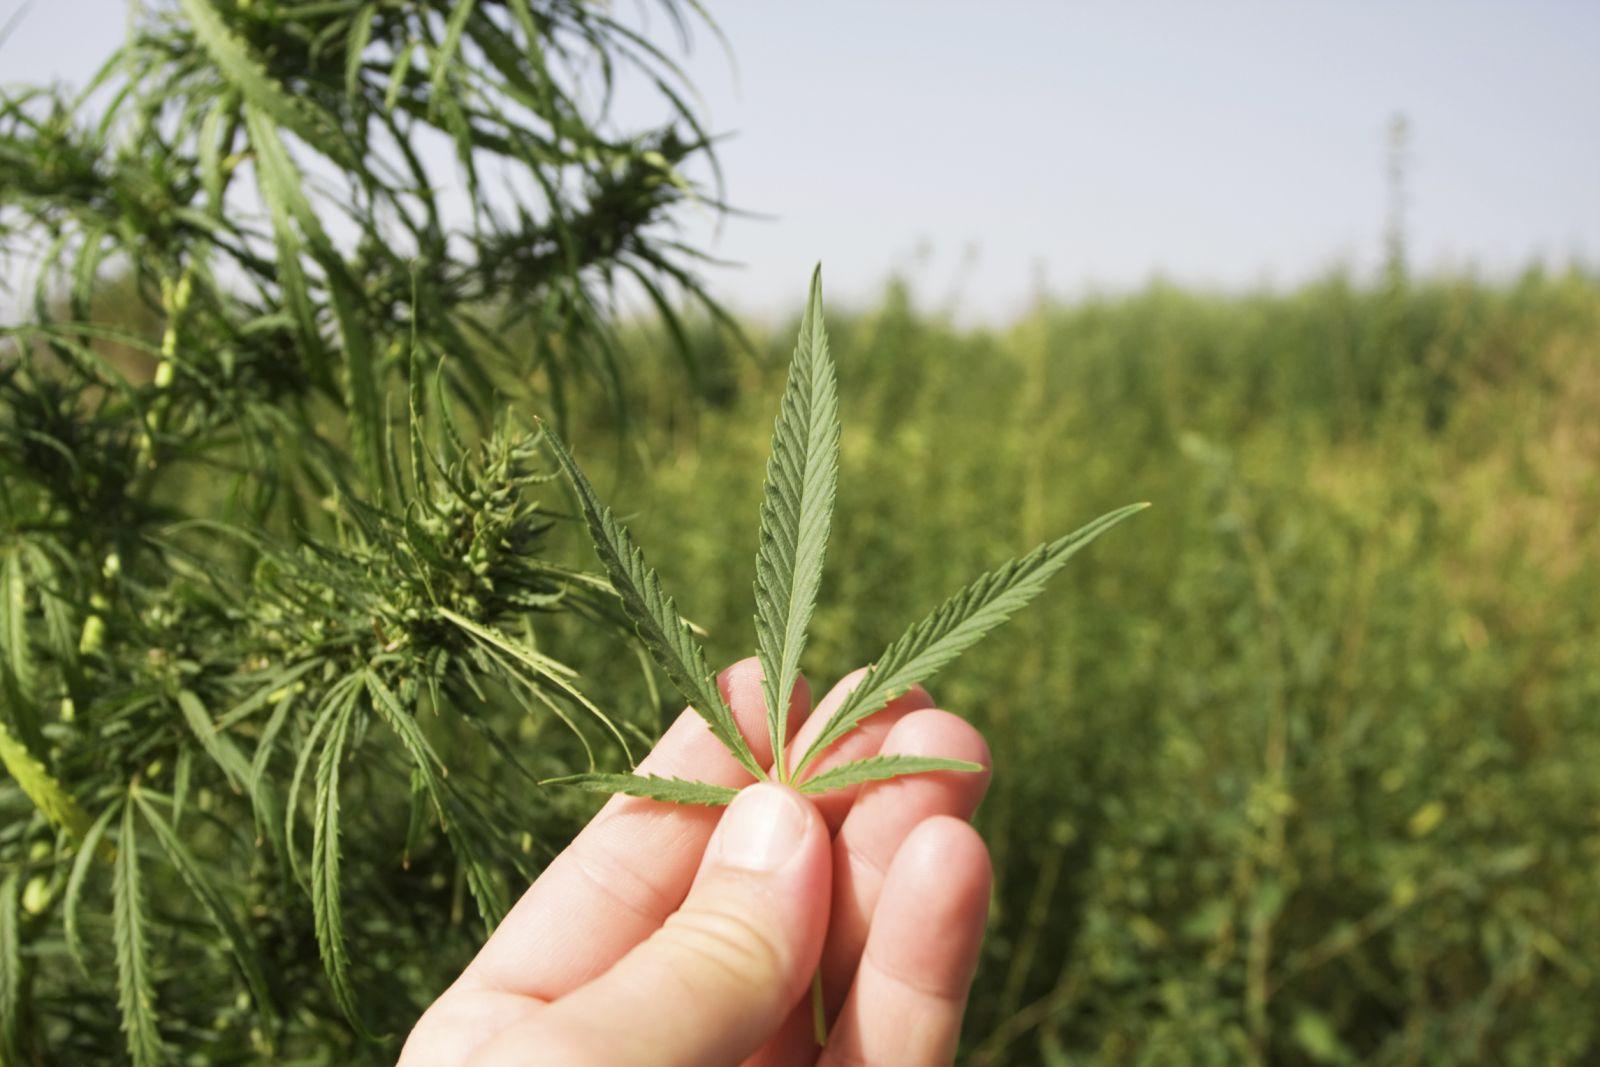 С чем можно столкнуться, употребляя марихуану: опыт врача-нарколога